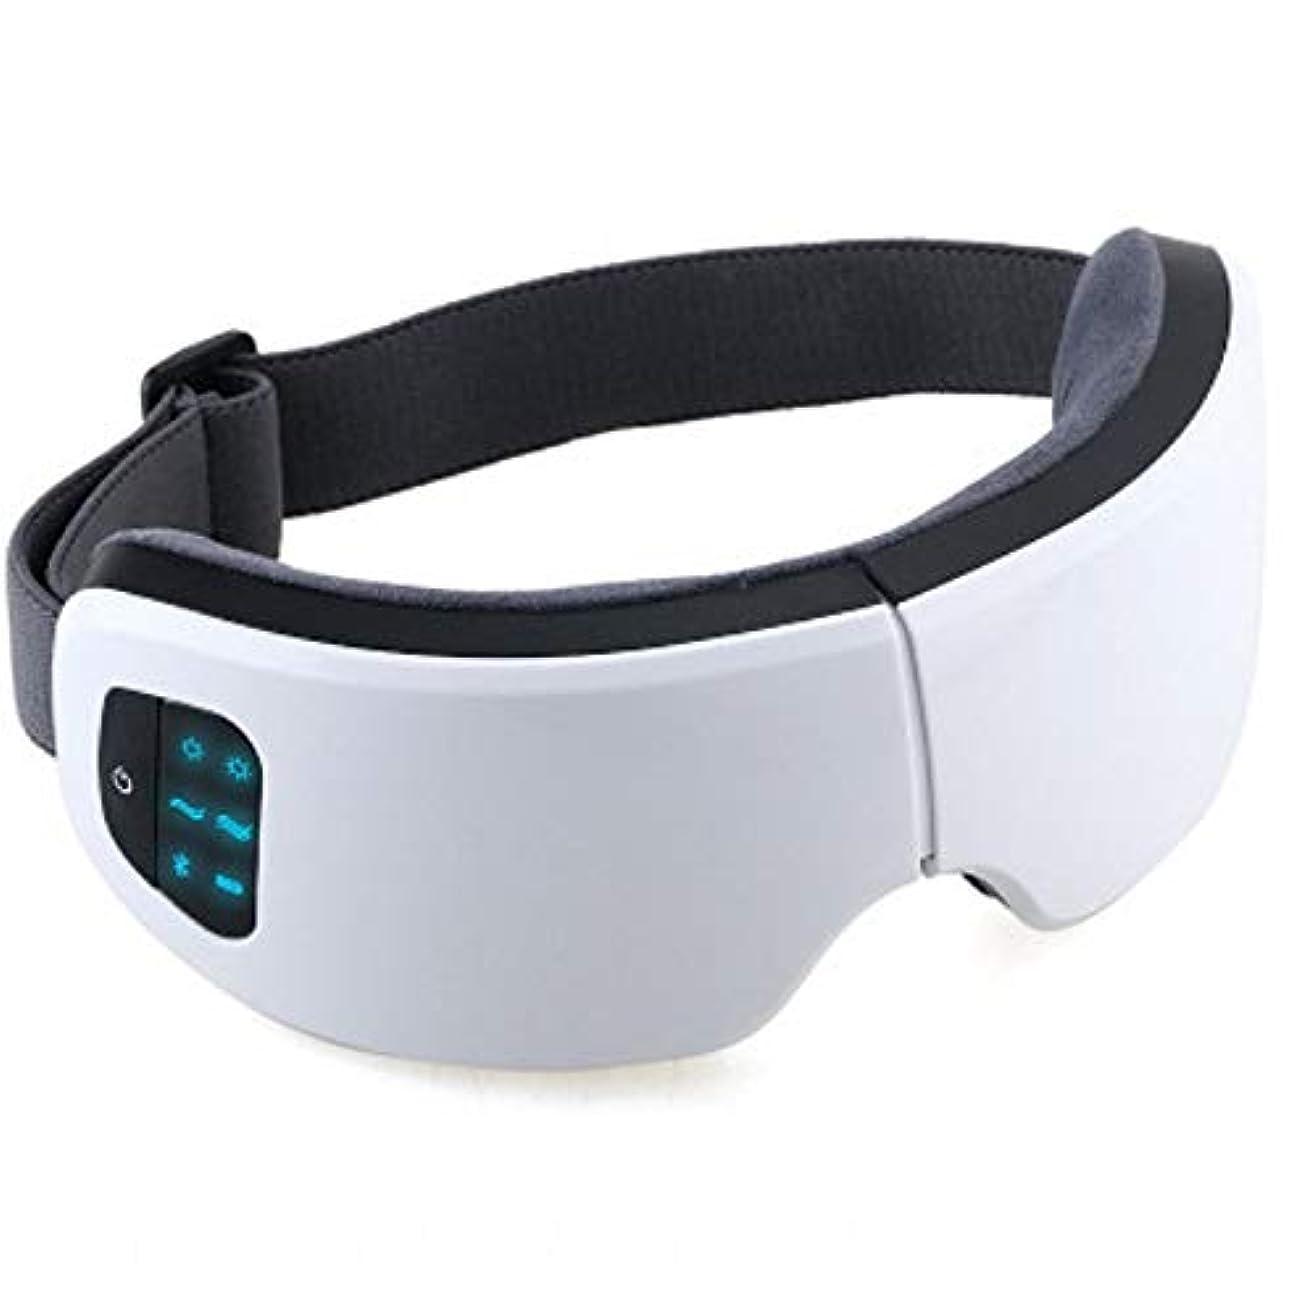 工場ボウリング通常Ruzzy 高度の目のマッサージャー、暖房モードの無線再充電可能な折る目のマッサージャー 購入へようこそ